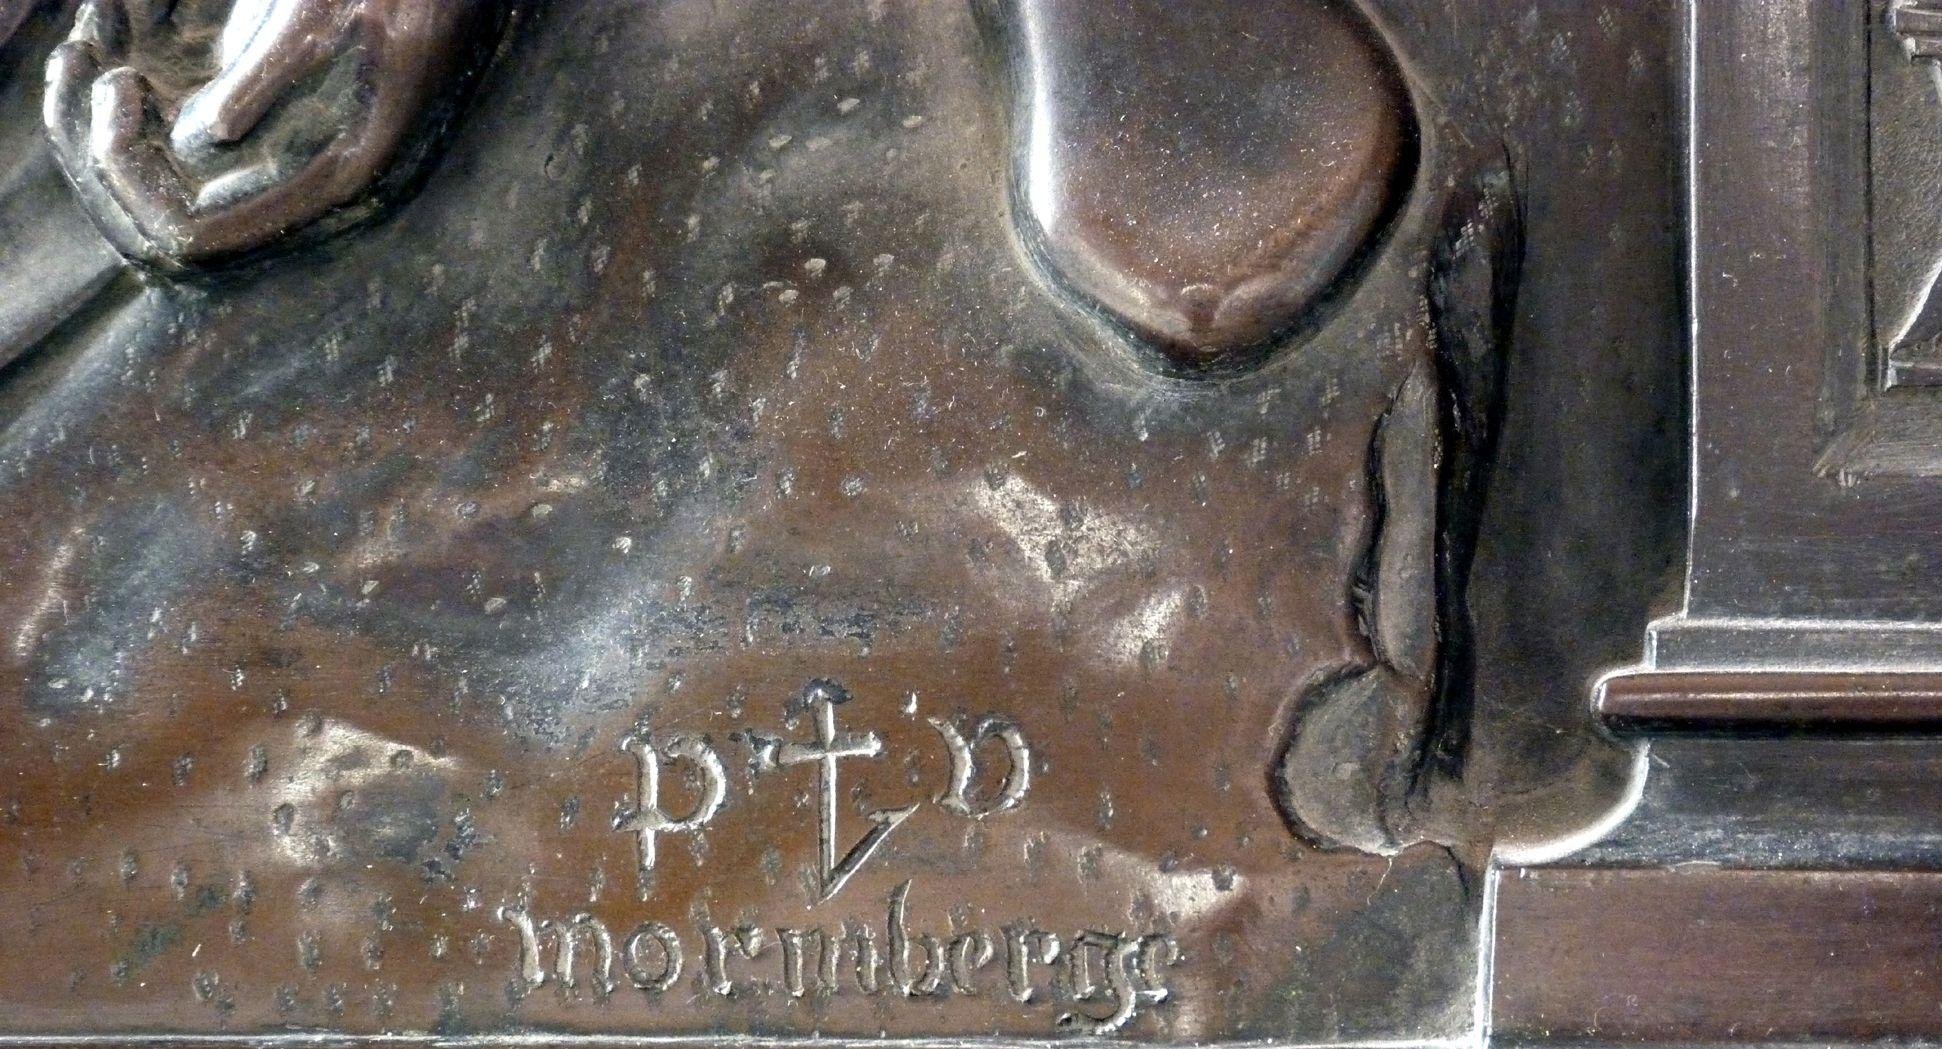 Beweinung Christi: Epitaph Eisen-Behaim rechte untere Bildecke, Meisterzeichen: P V normberge